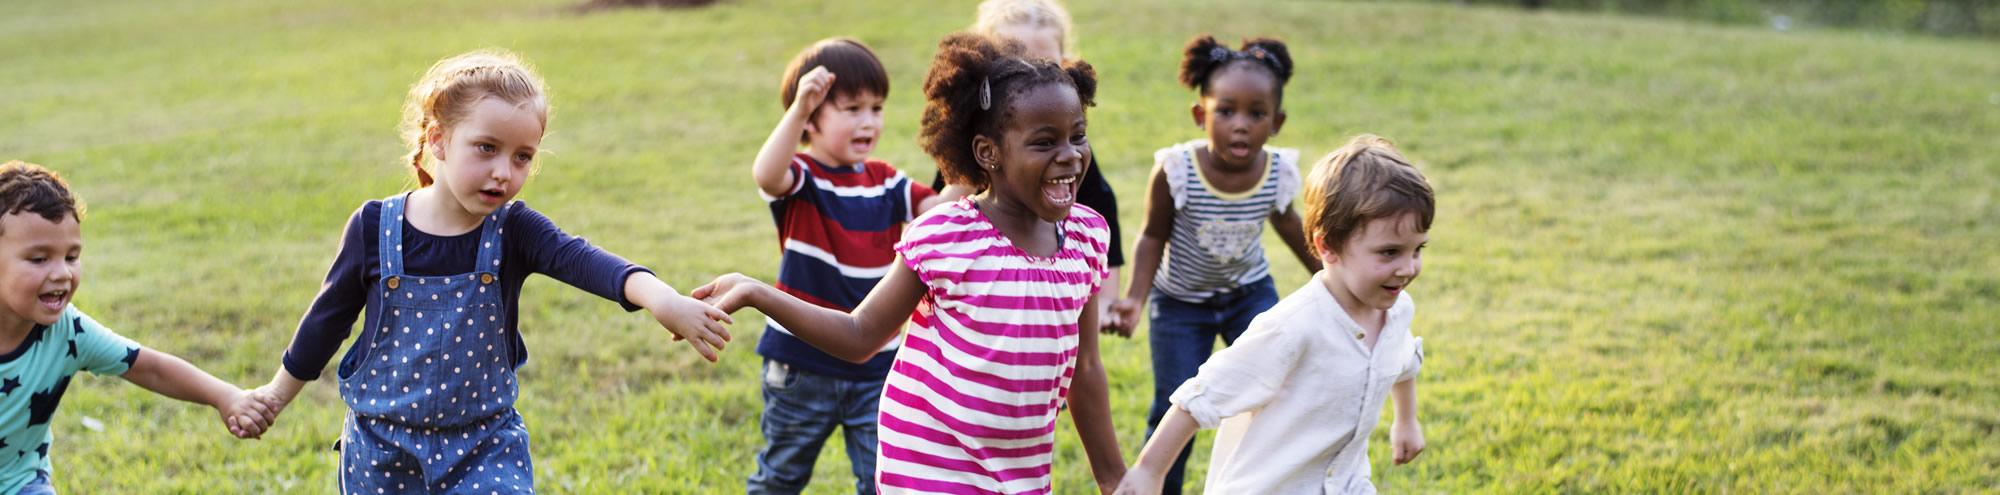 Starting an afterschool program nc center for afterschool programs starting an afterschool program xflitez Gallery